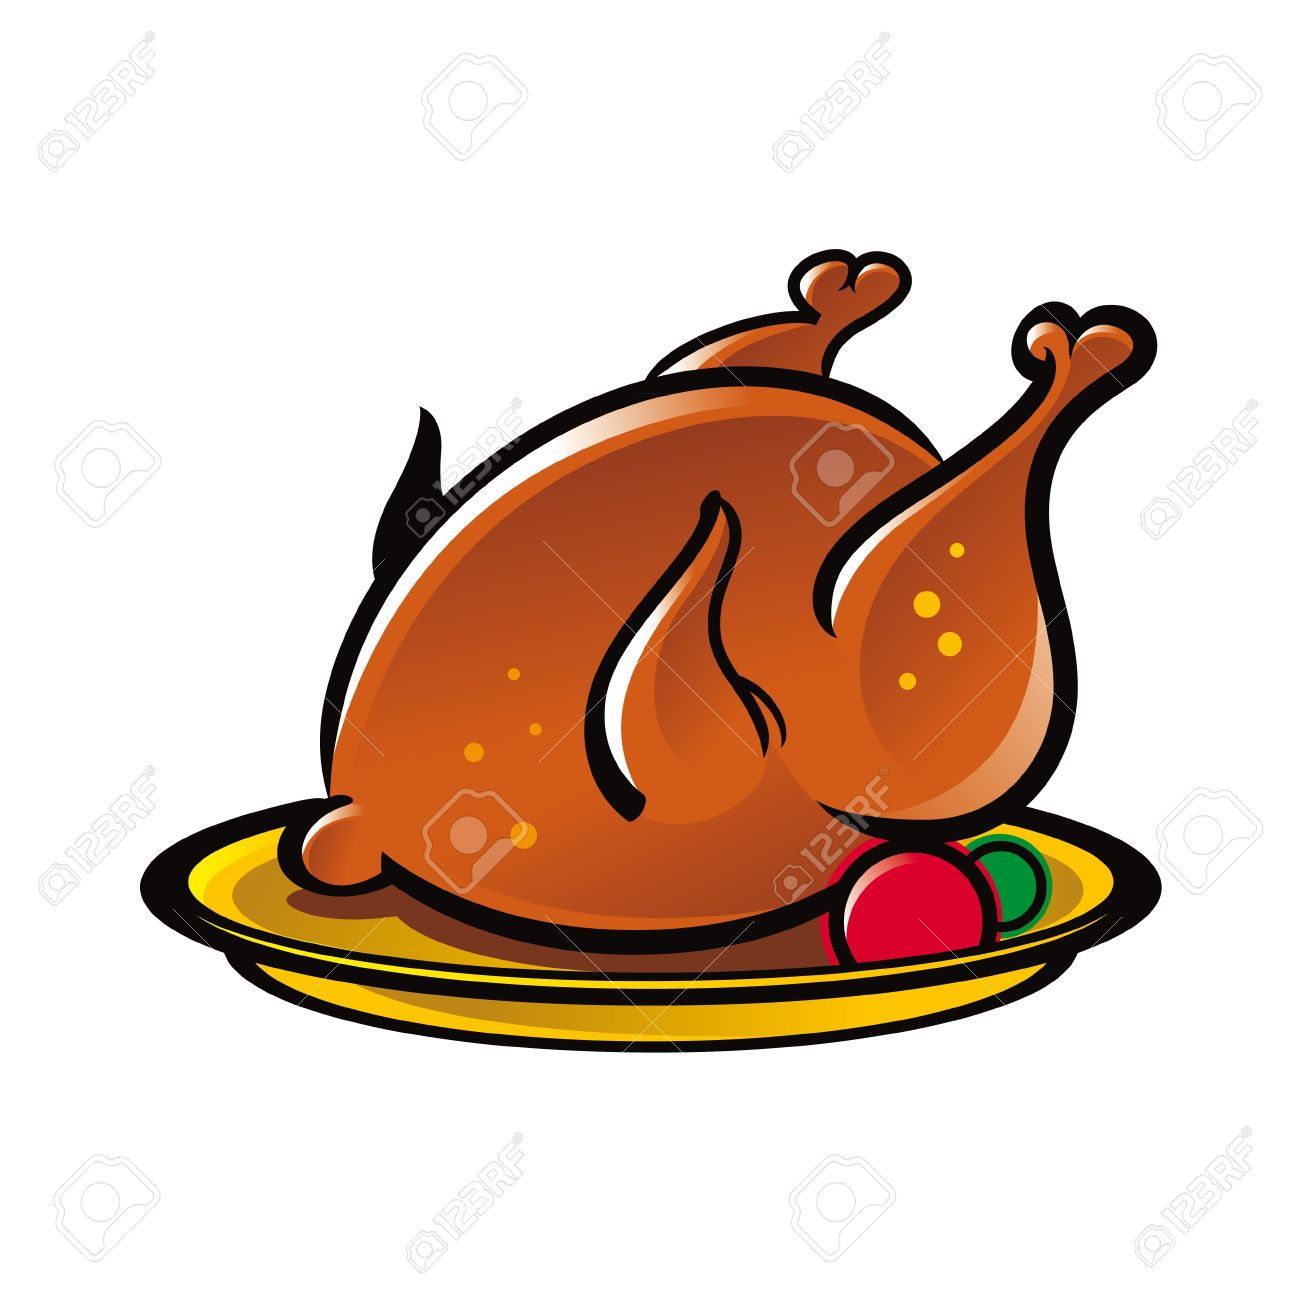 1300x1300 Chicken Food Clip Art Kfc Chicken Clipart